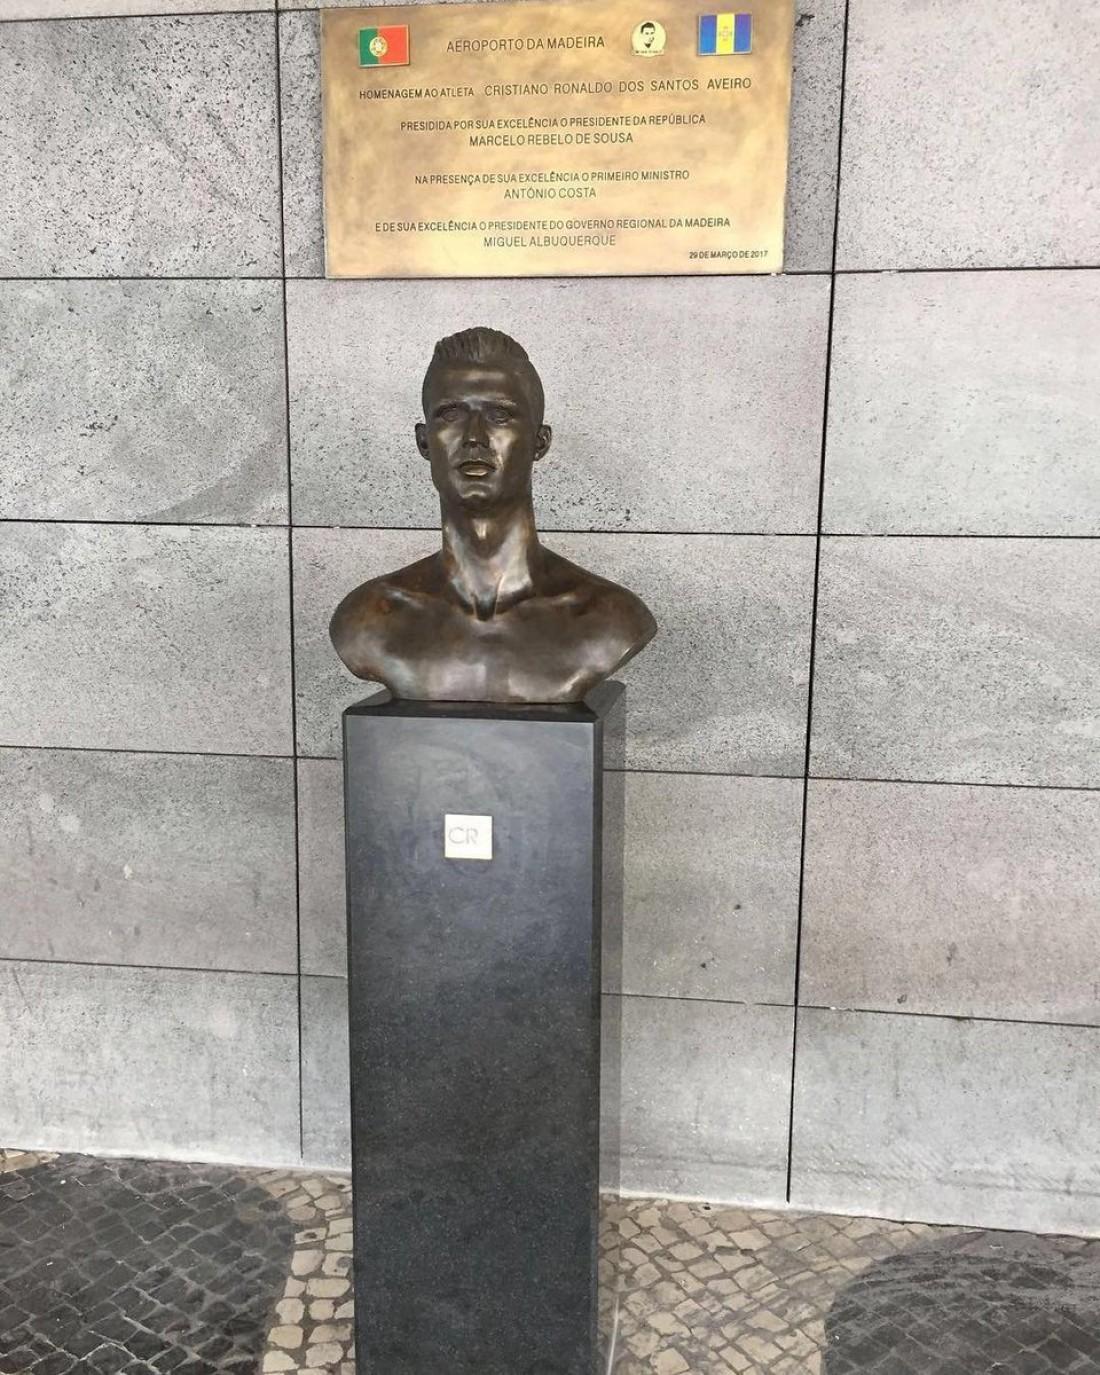 Новый бюст Криштиану Роналду